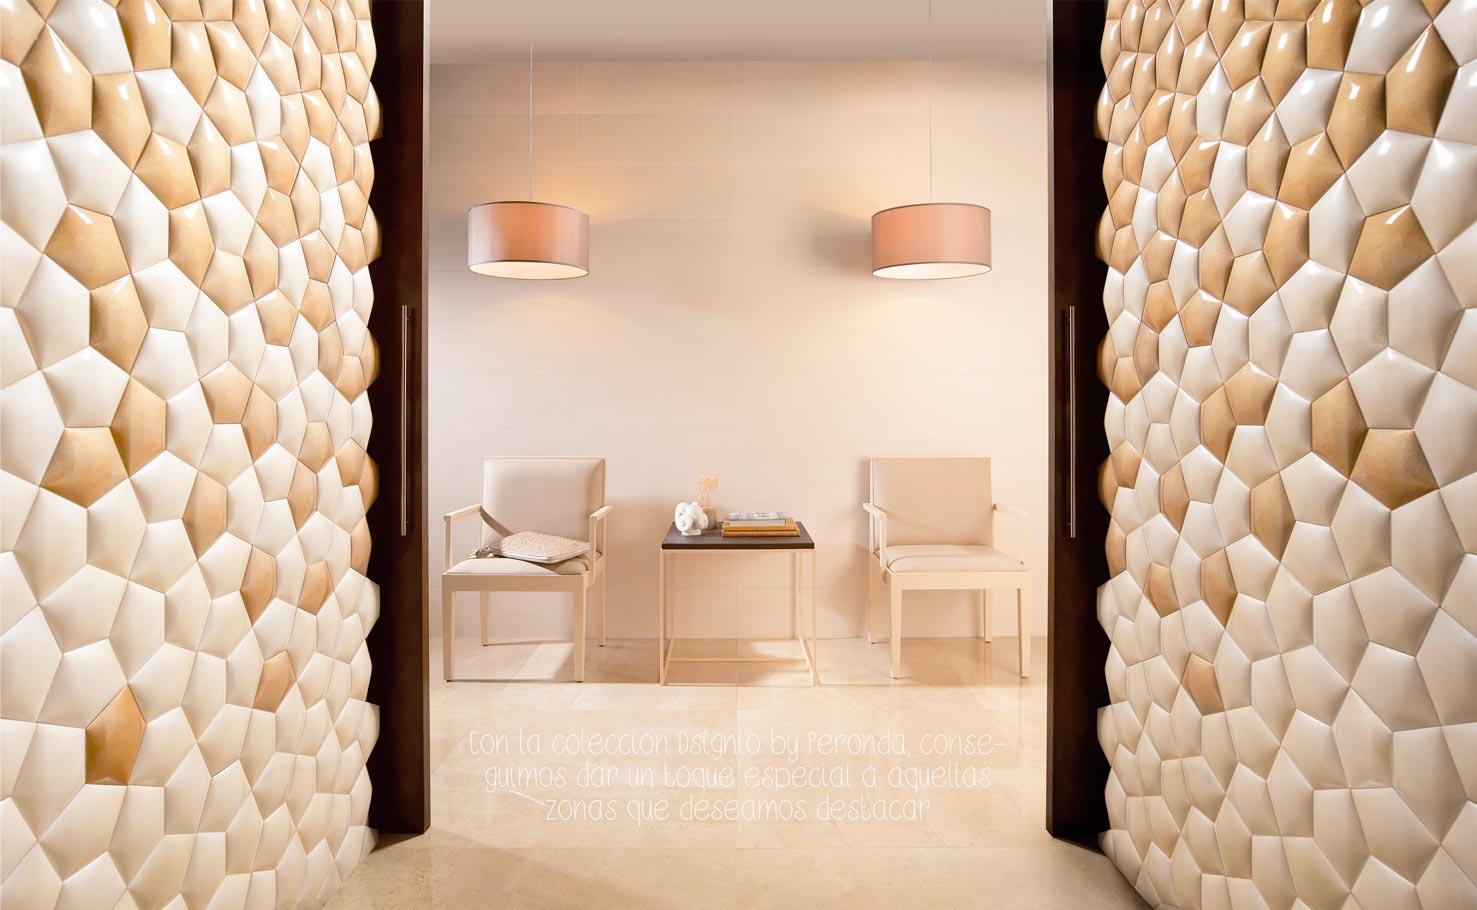 El papel de la cer mica en la decoraci n de concepto for Concepto de ceramica